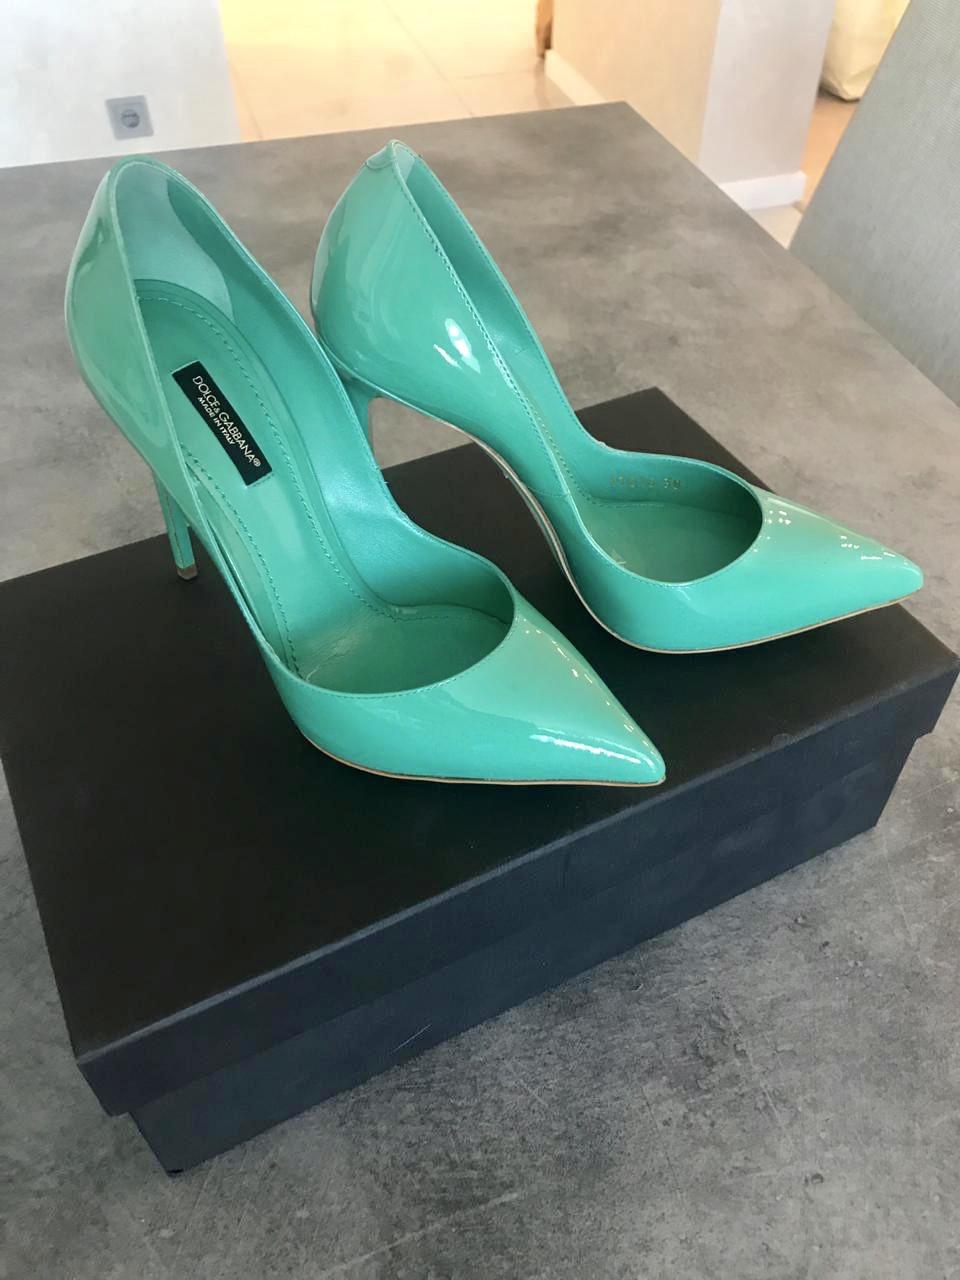 Туфли Dolce&Gabbana лодочки зеленые женские .